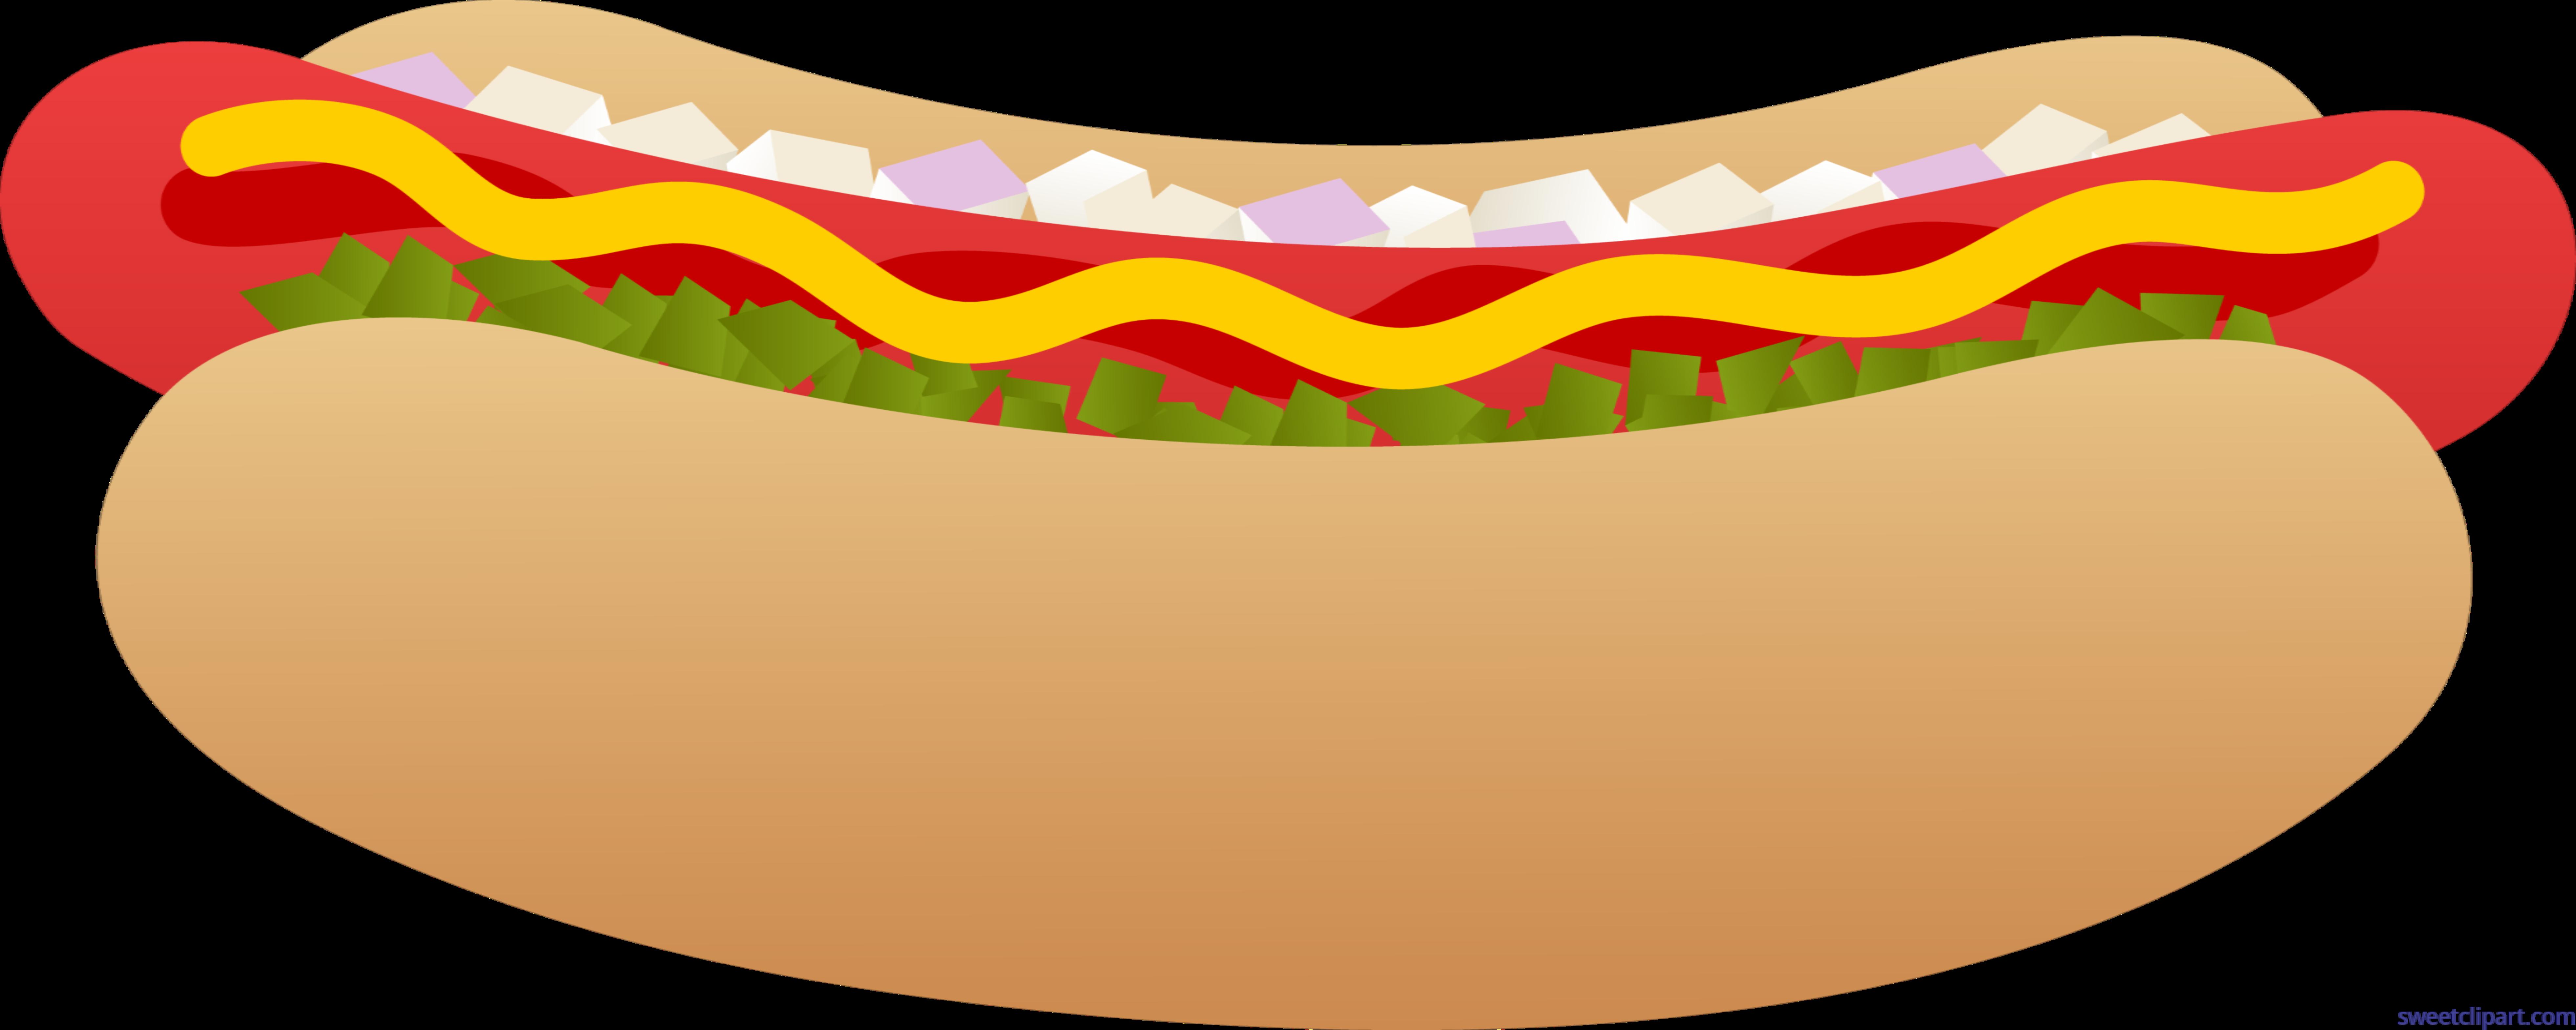 Hot dog on bun. Hotdog clipart